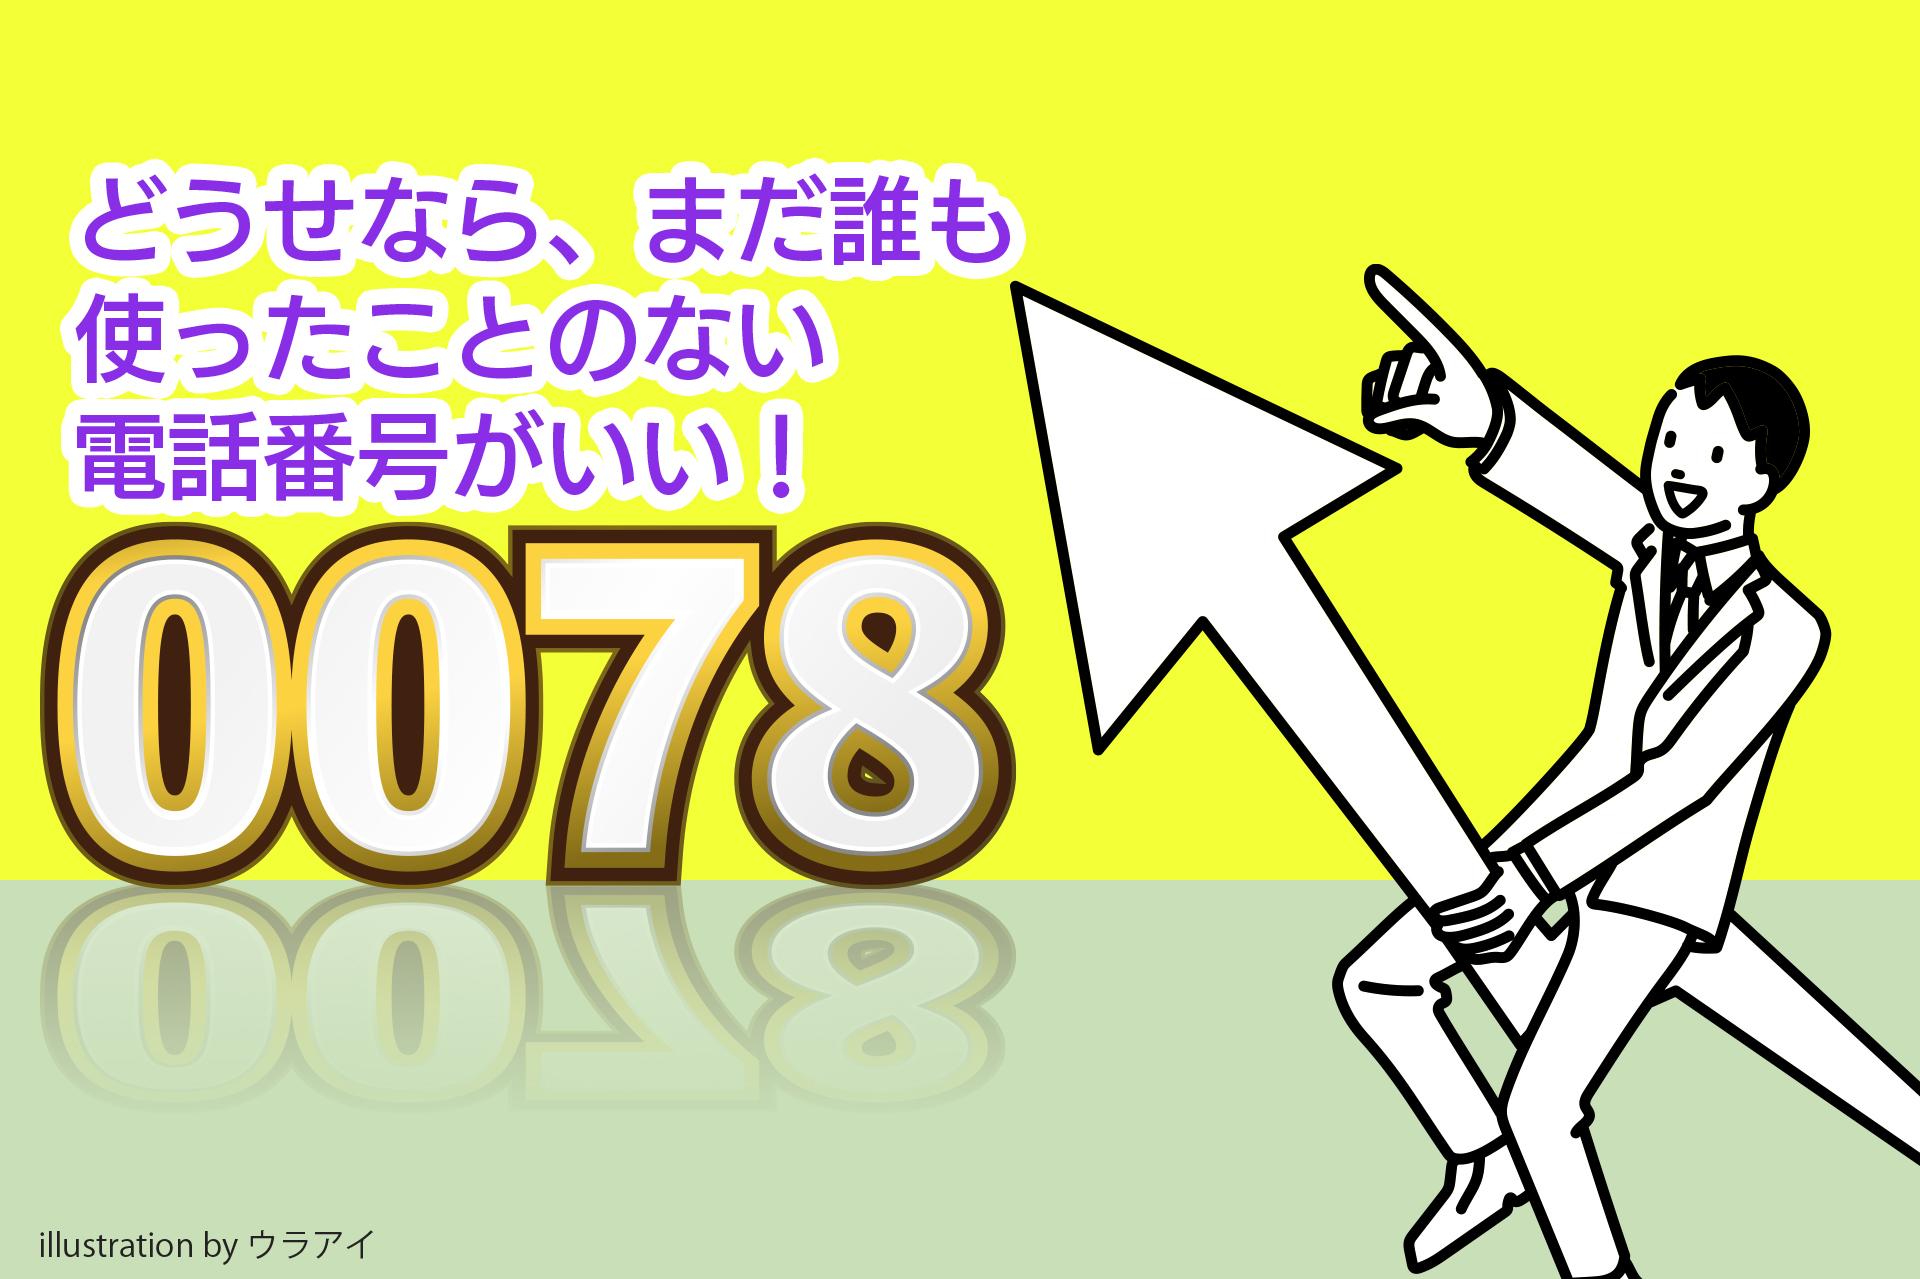 0078電話番号